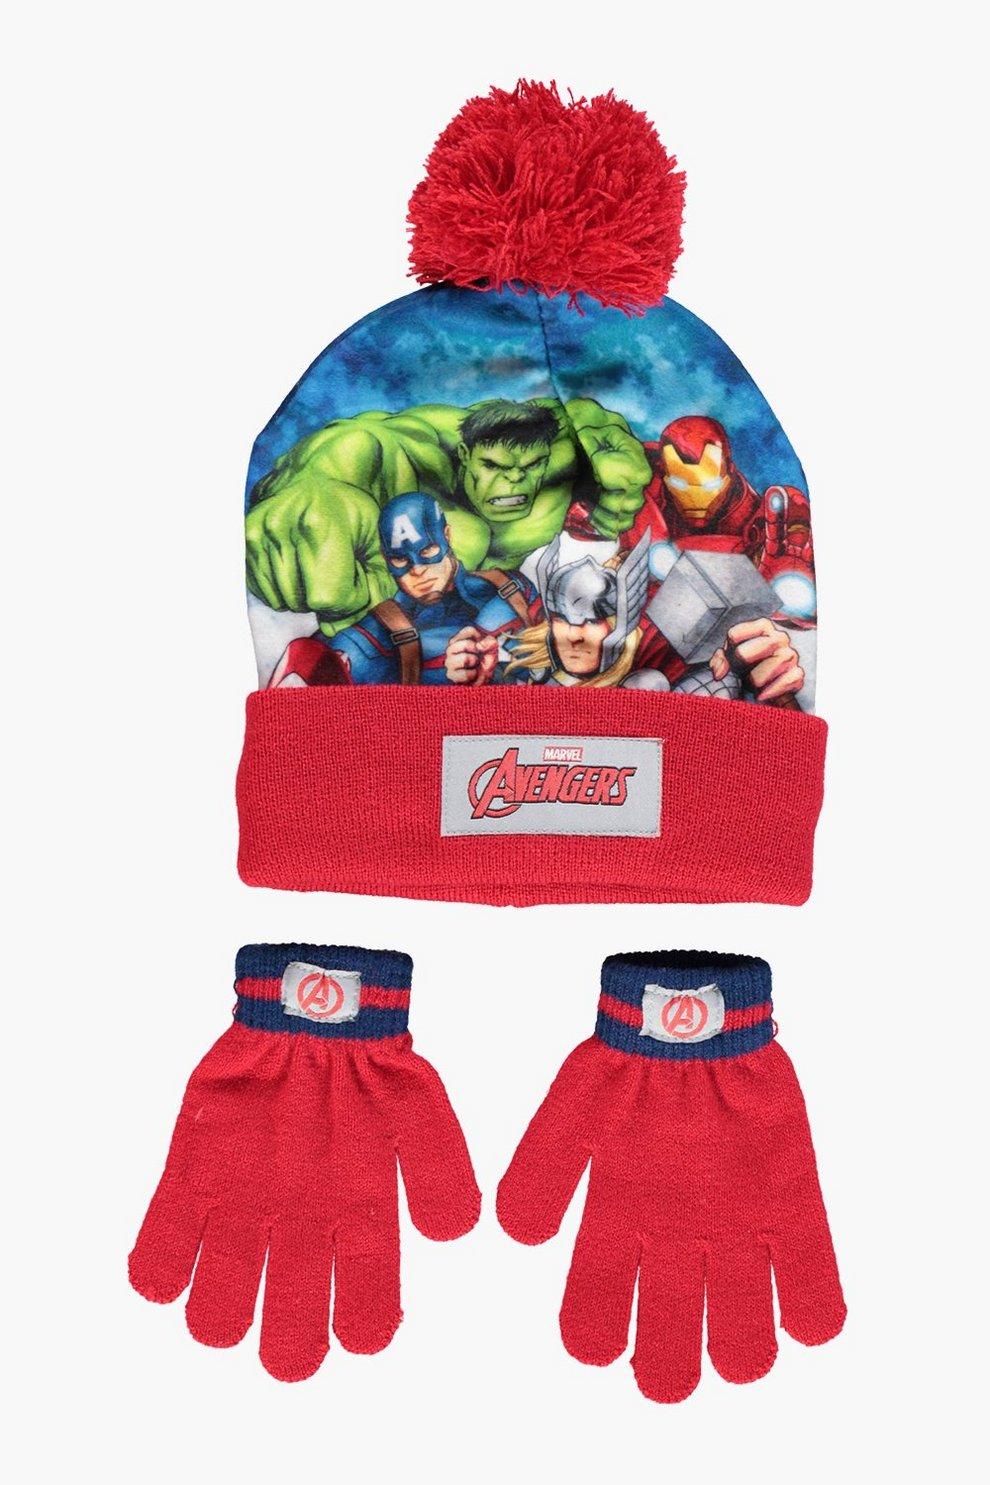 Ensemble gants et bonnet tricotés pour garçons Avengers   Boohoo a5facfac41c